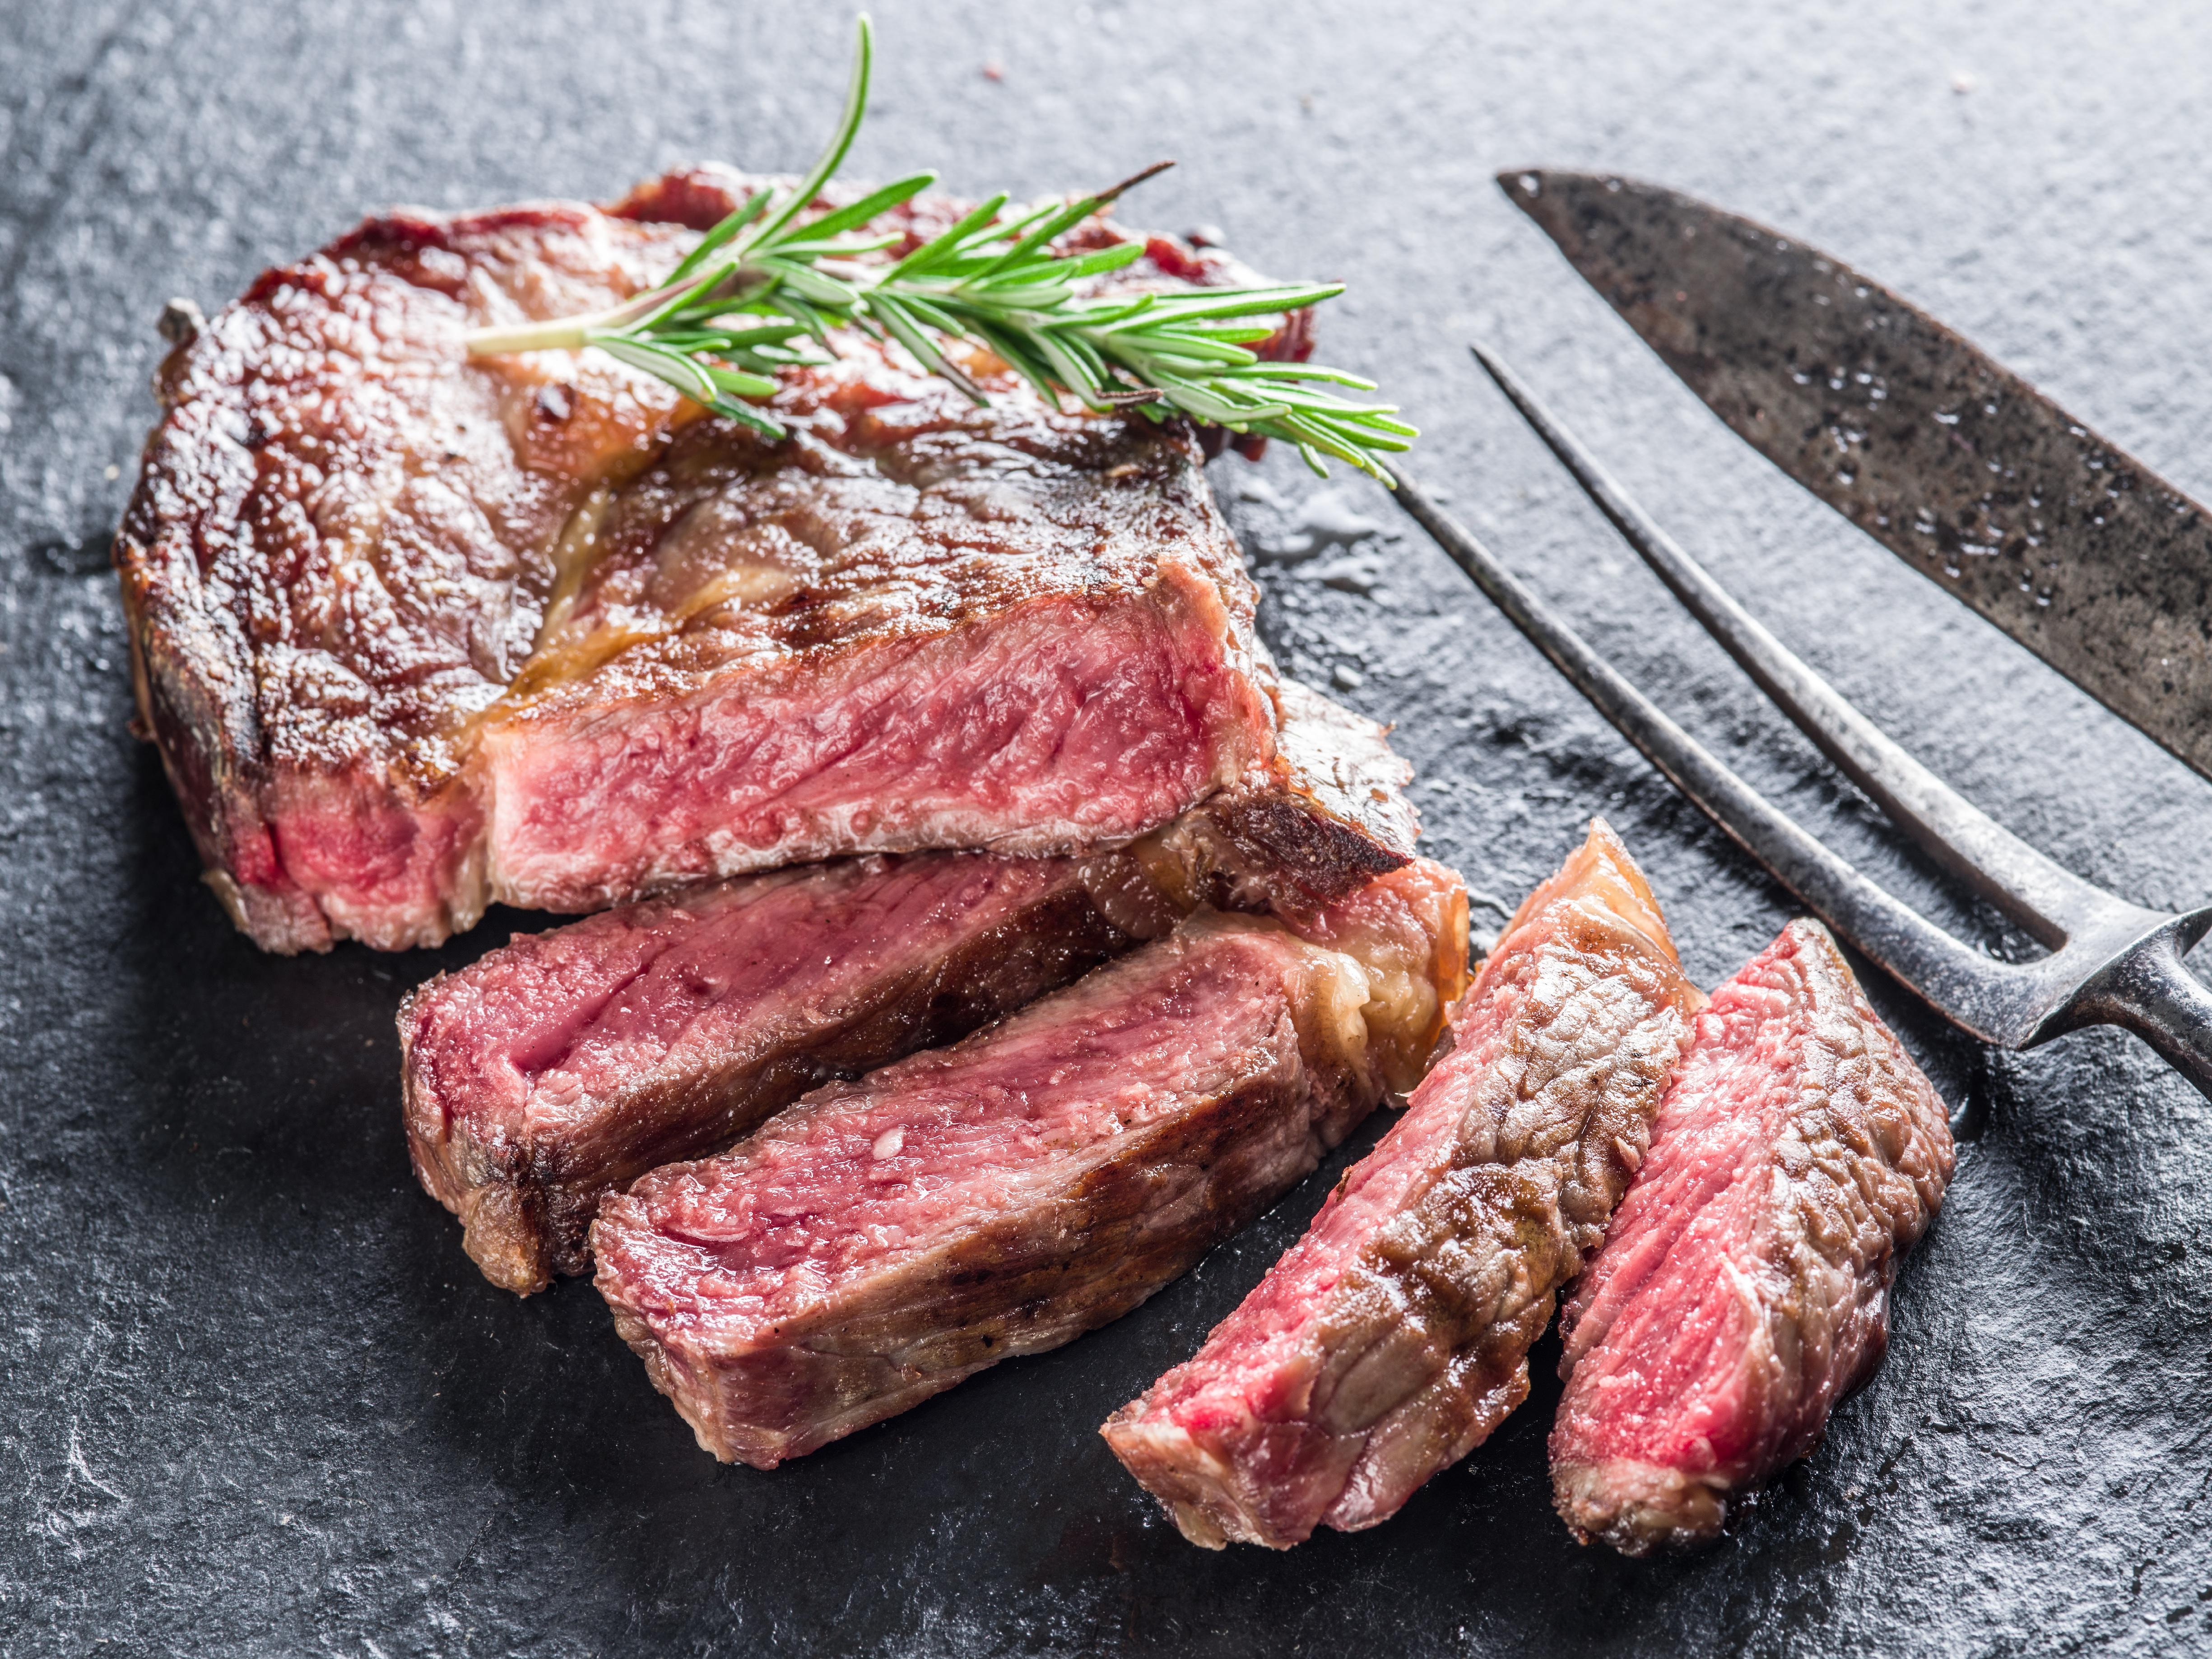 Weber Holzkohlegrill Steak : Flank steak grillen grillrezepte chefgrill